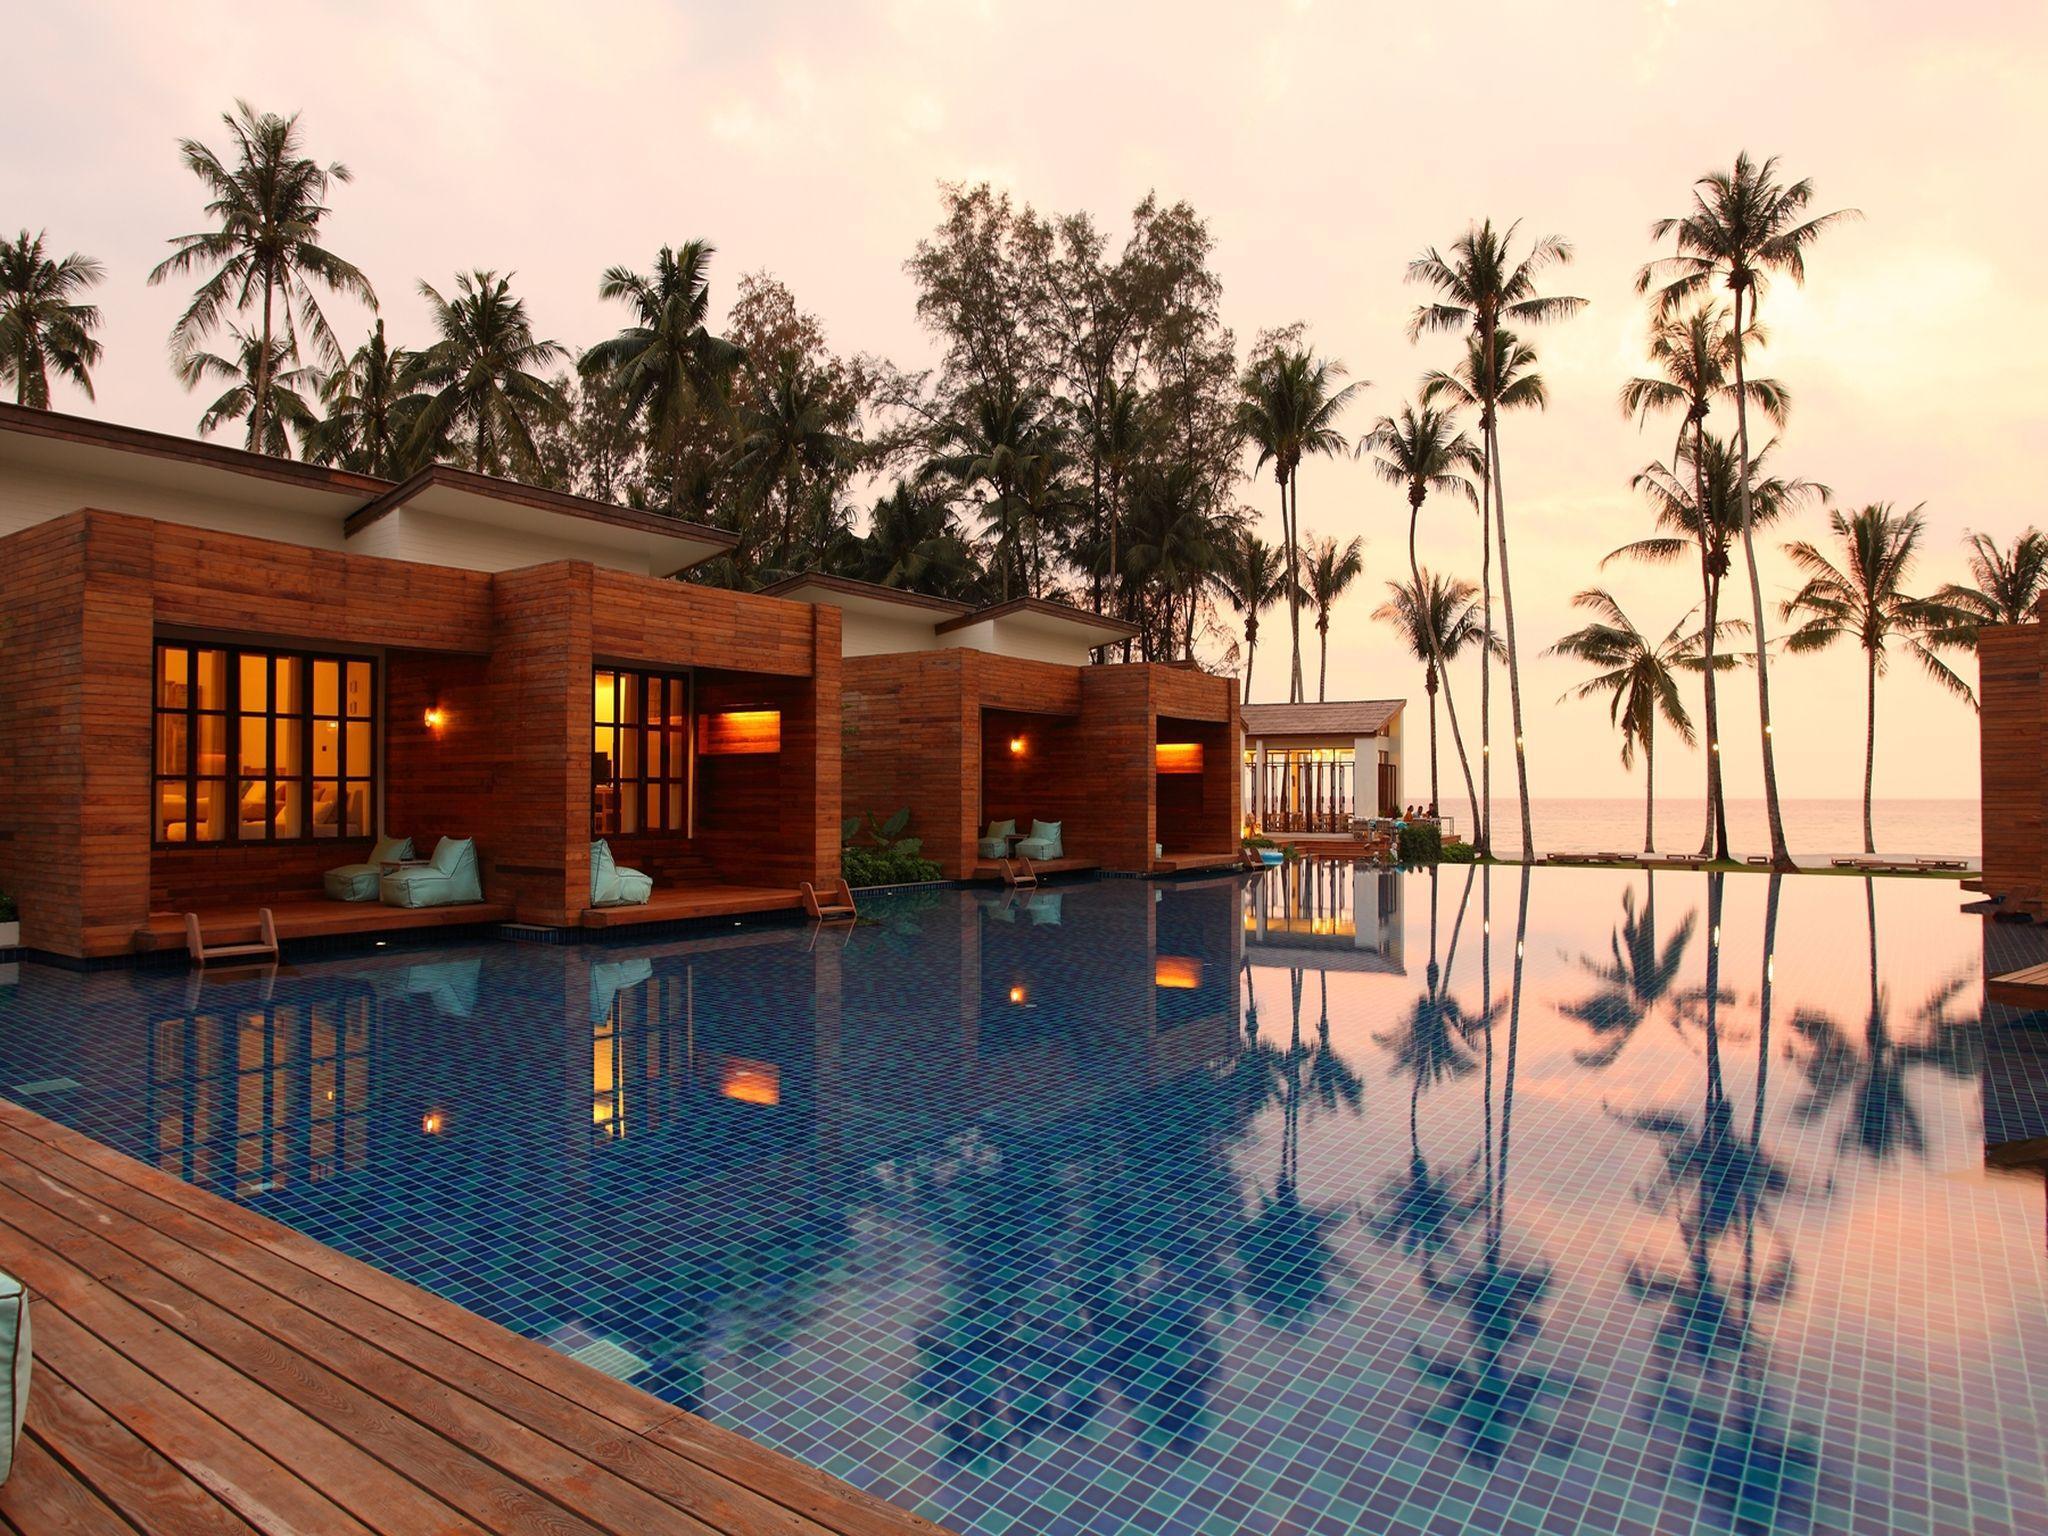 wendy the pool resort